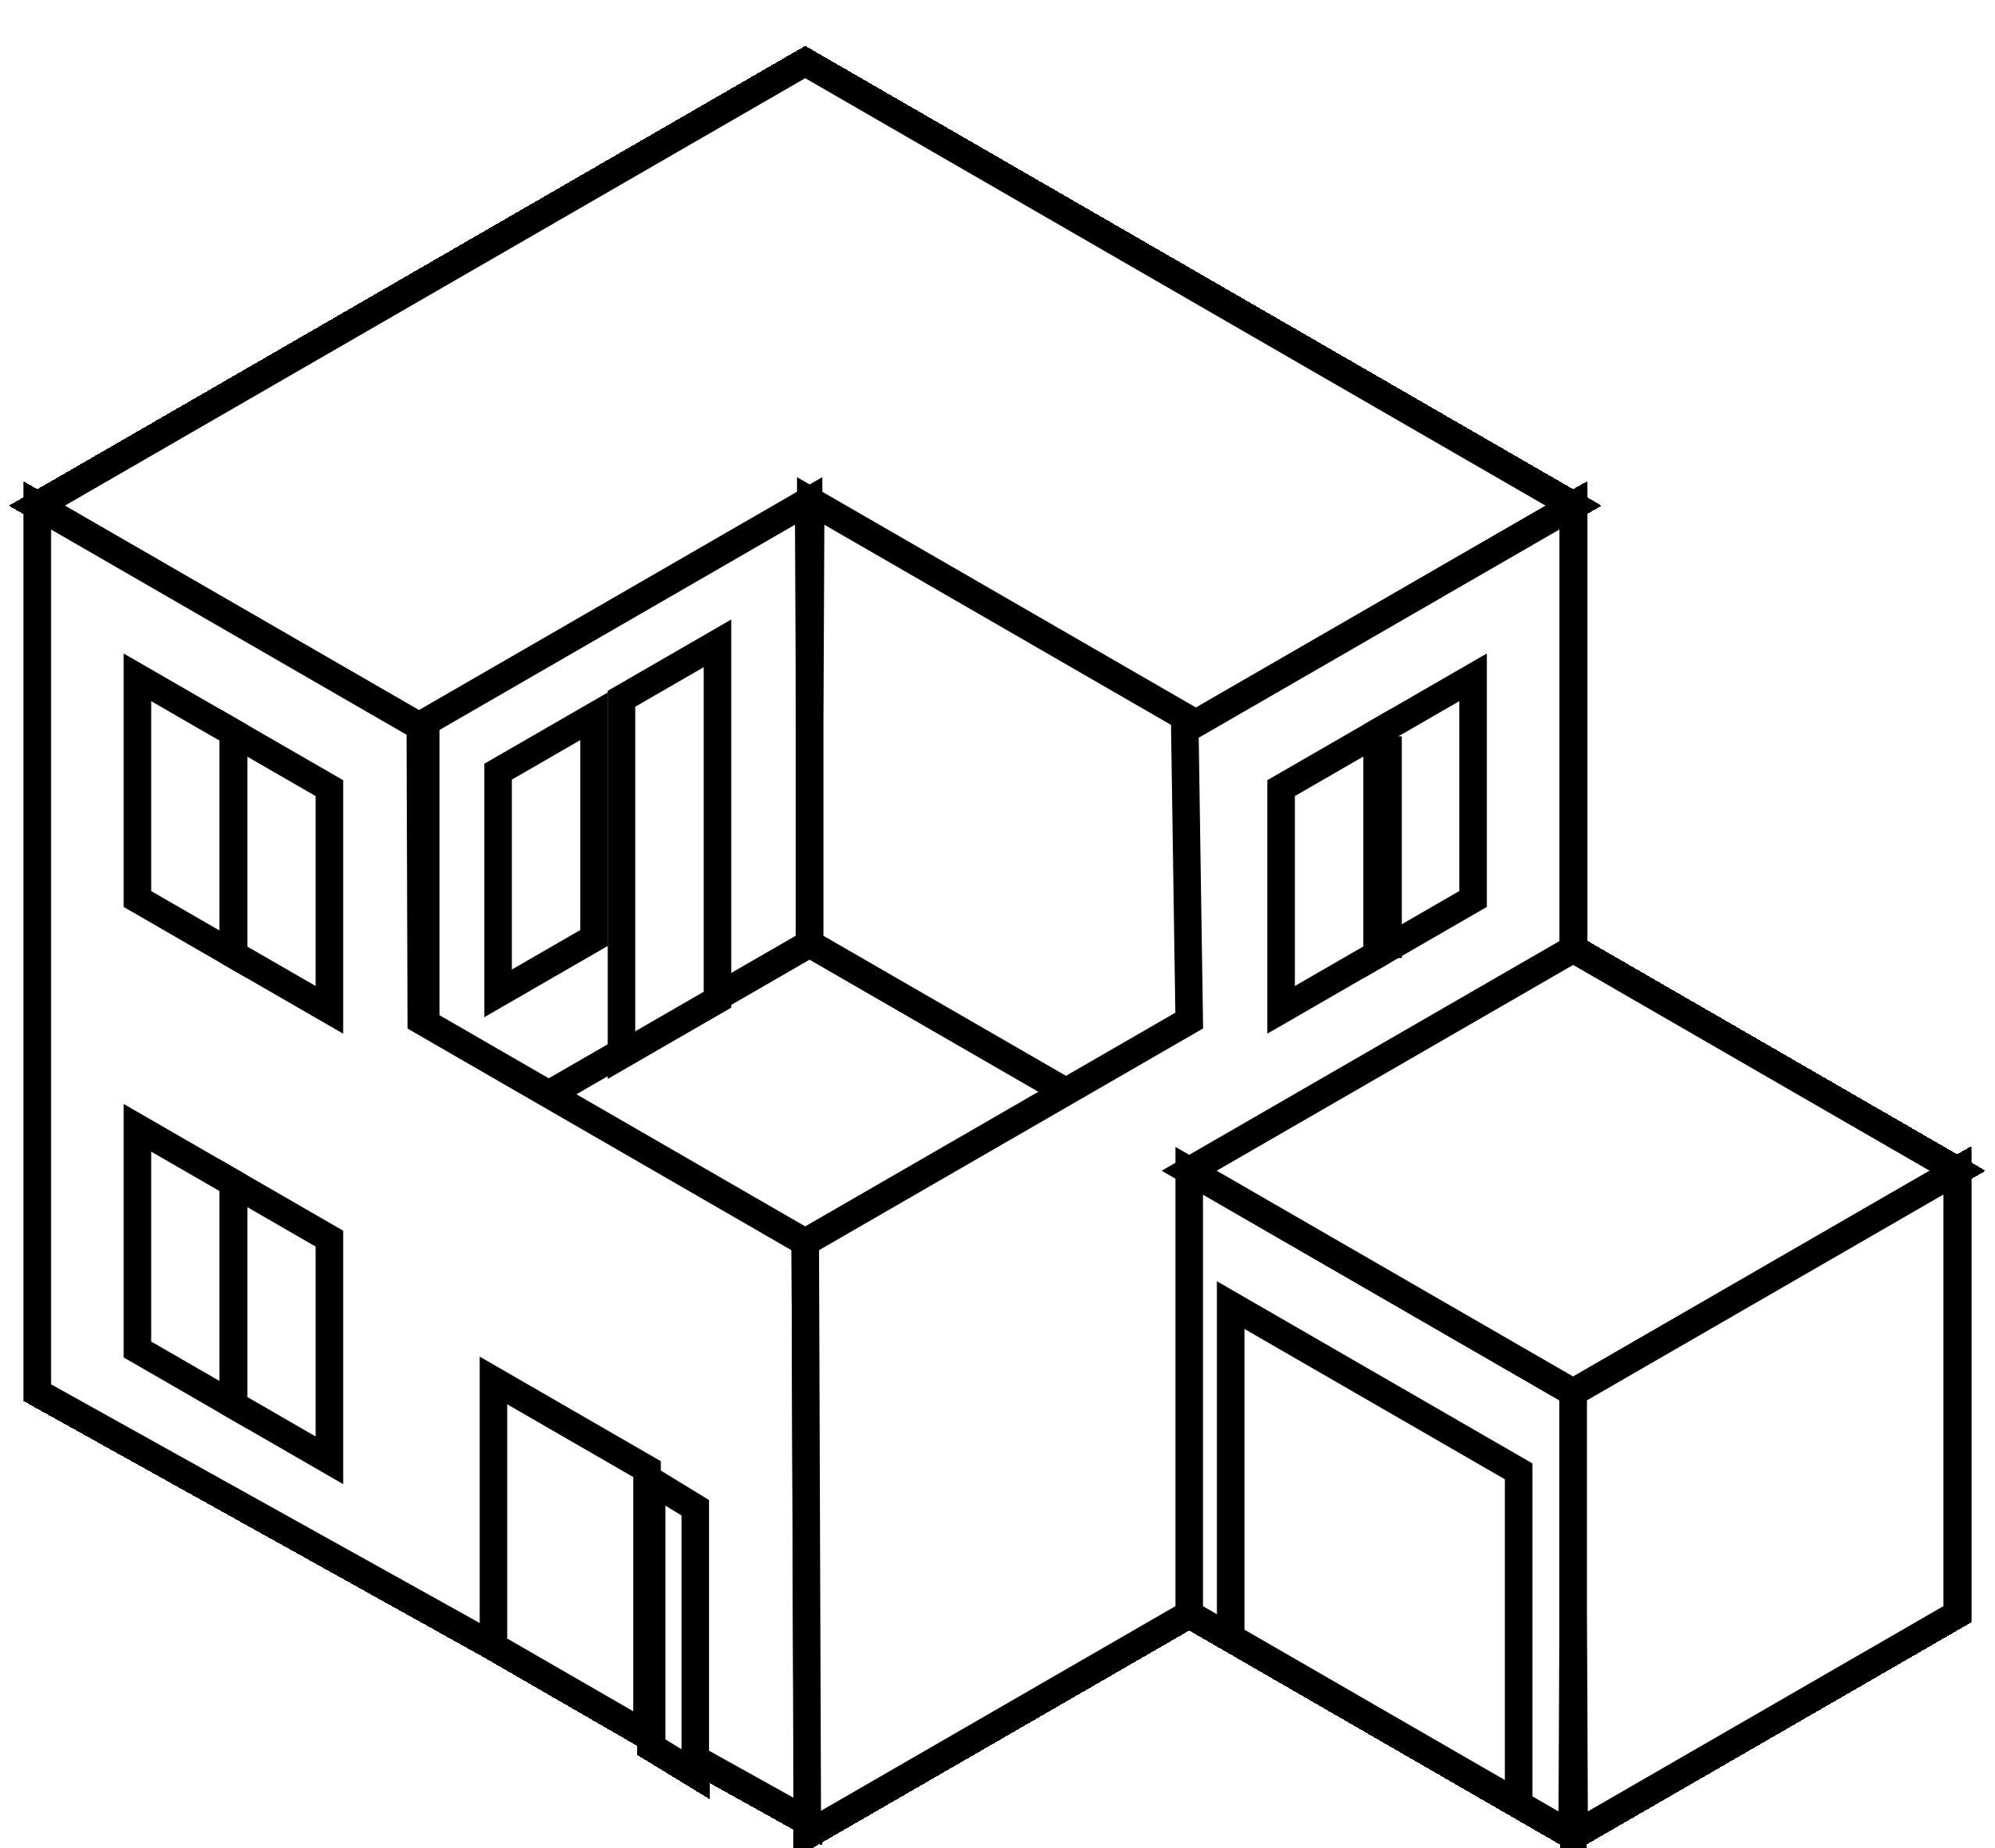 2555x2367 Part Best Clip Art Drawings